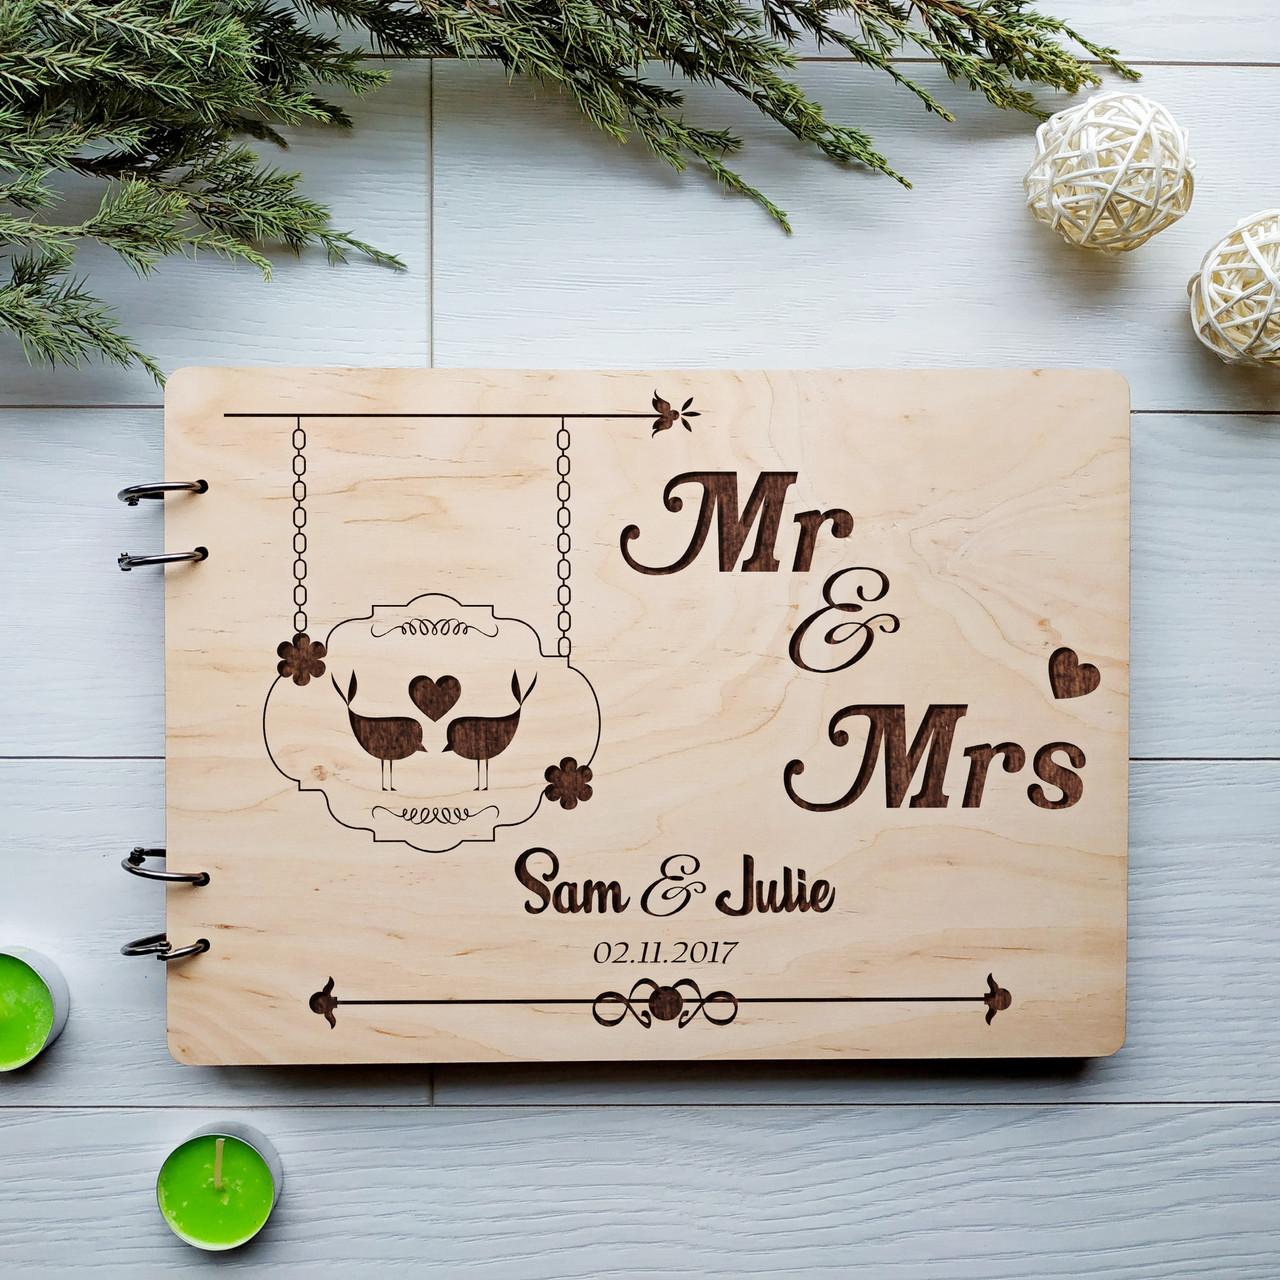 Альбом свадебный ручной работы для пожеланий с именной гравировкой